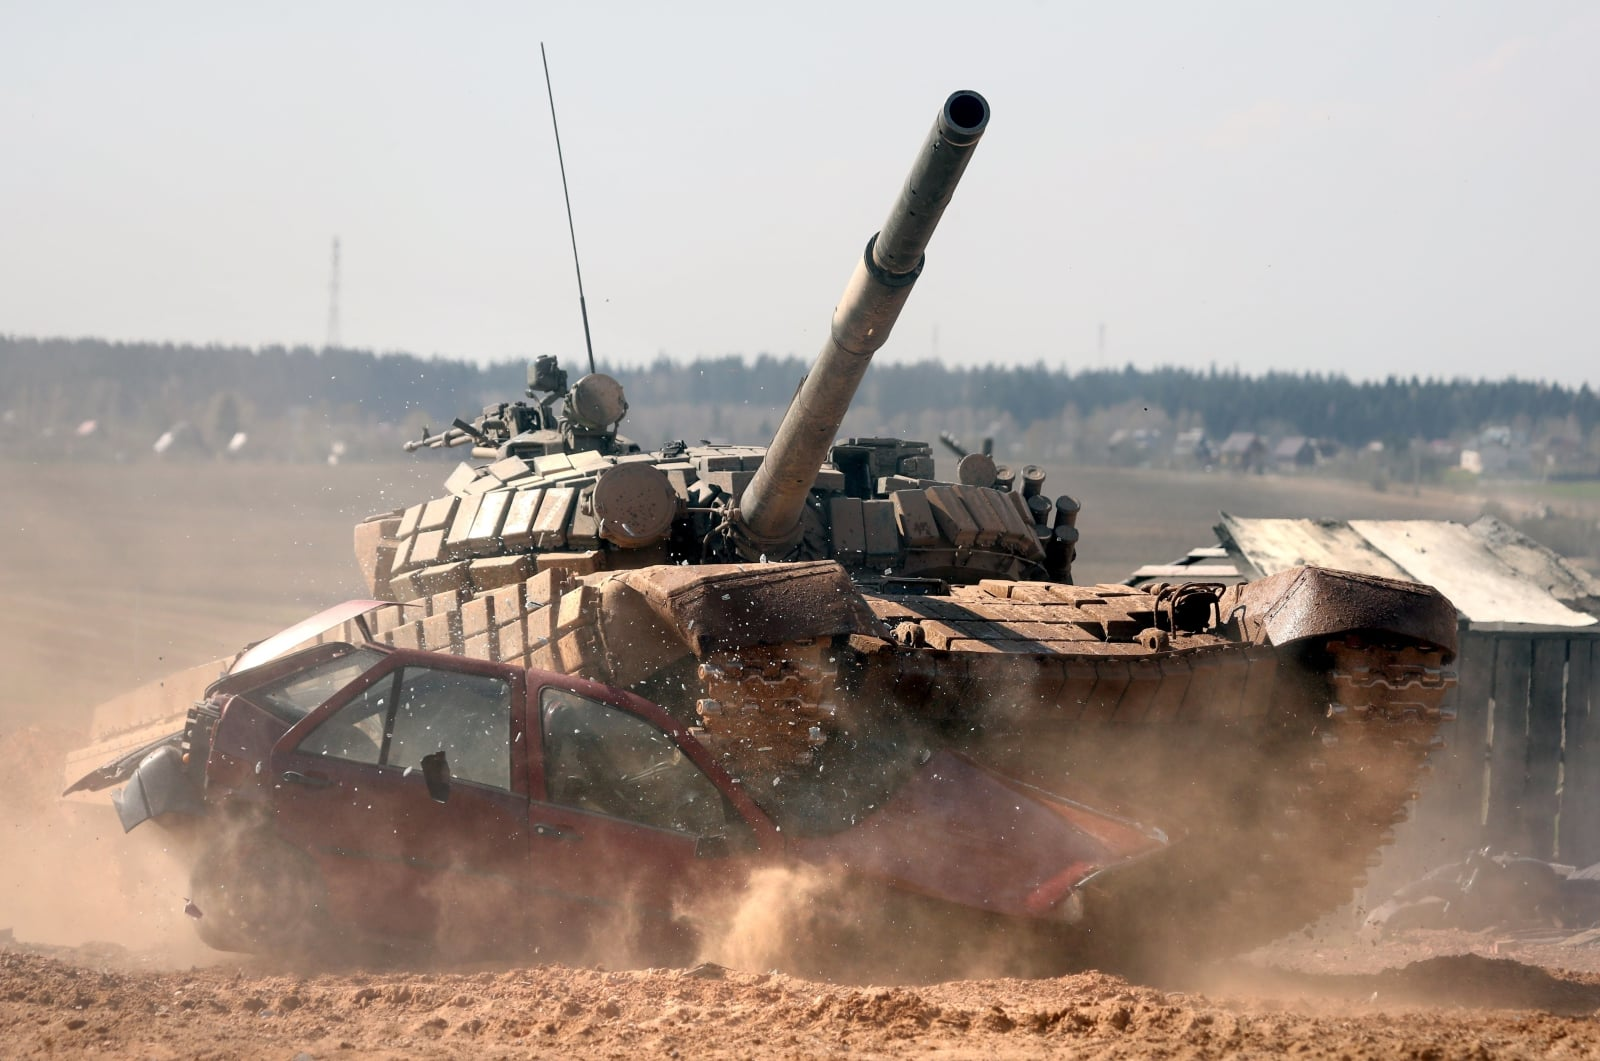 Biatlon czołgów na Białorusi fot. EPA/TATYANA ZENKOVICH